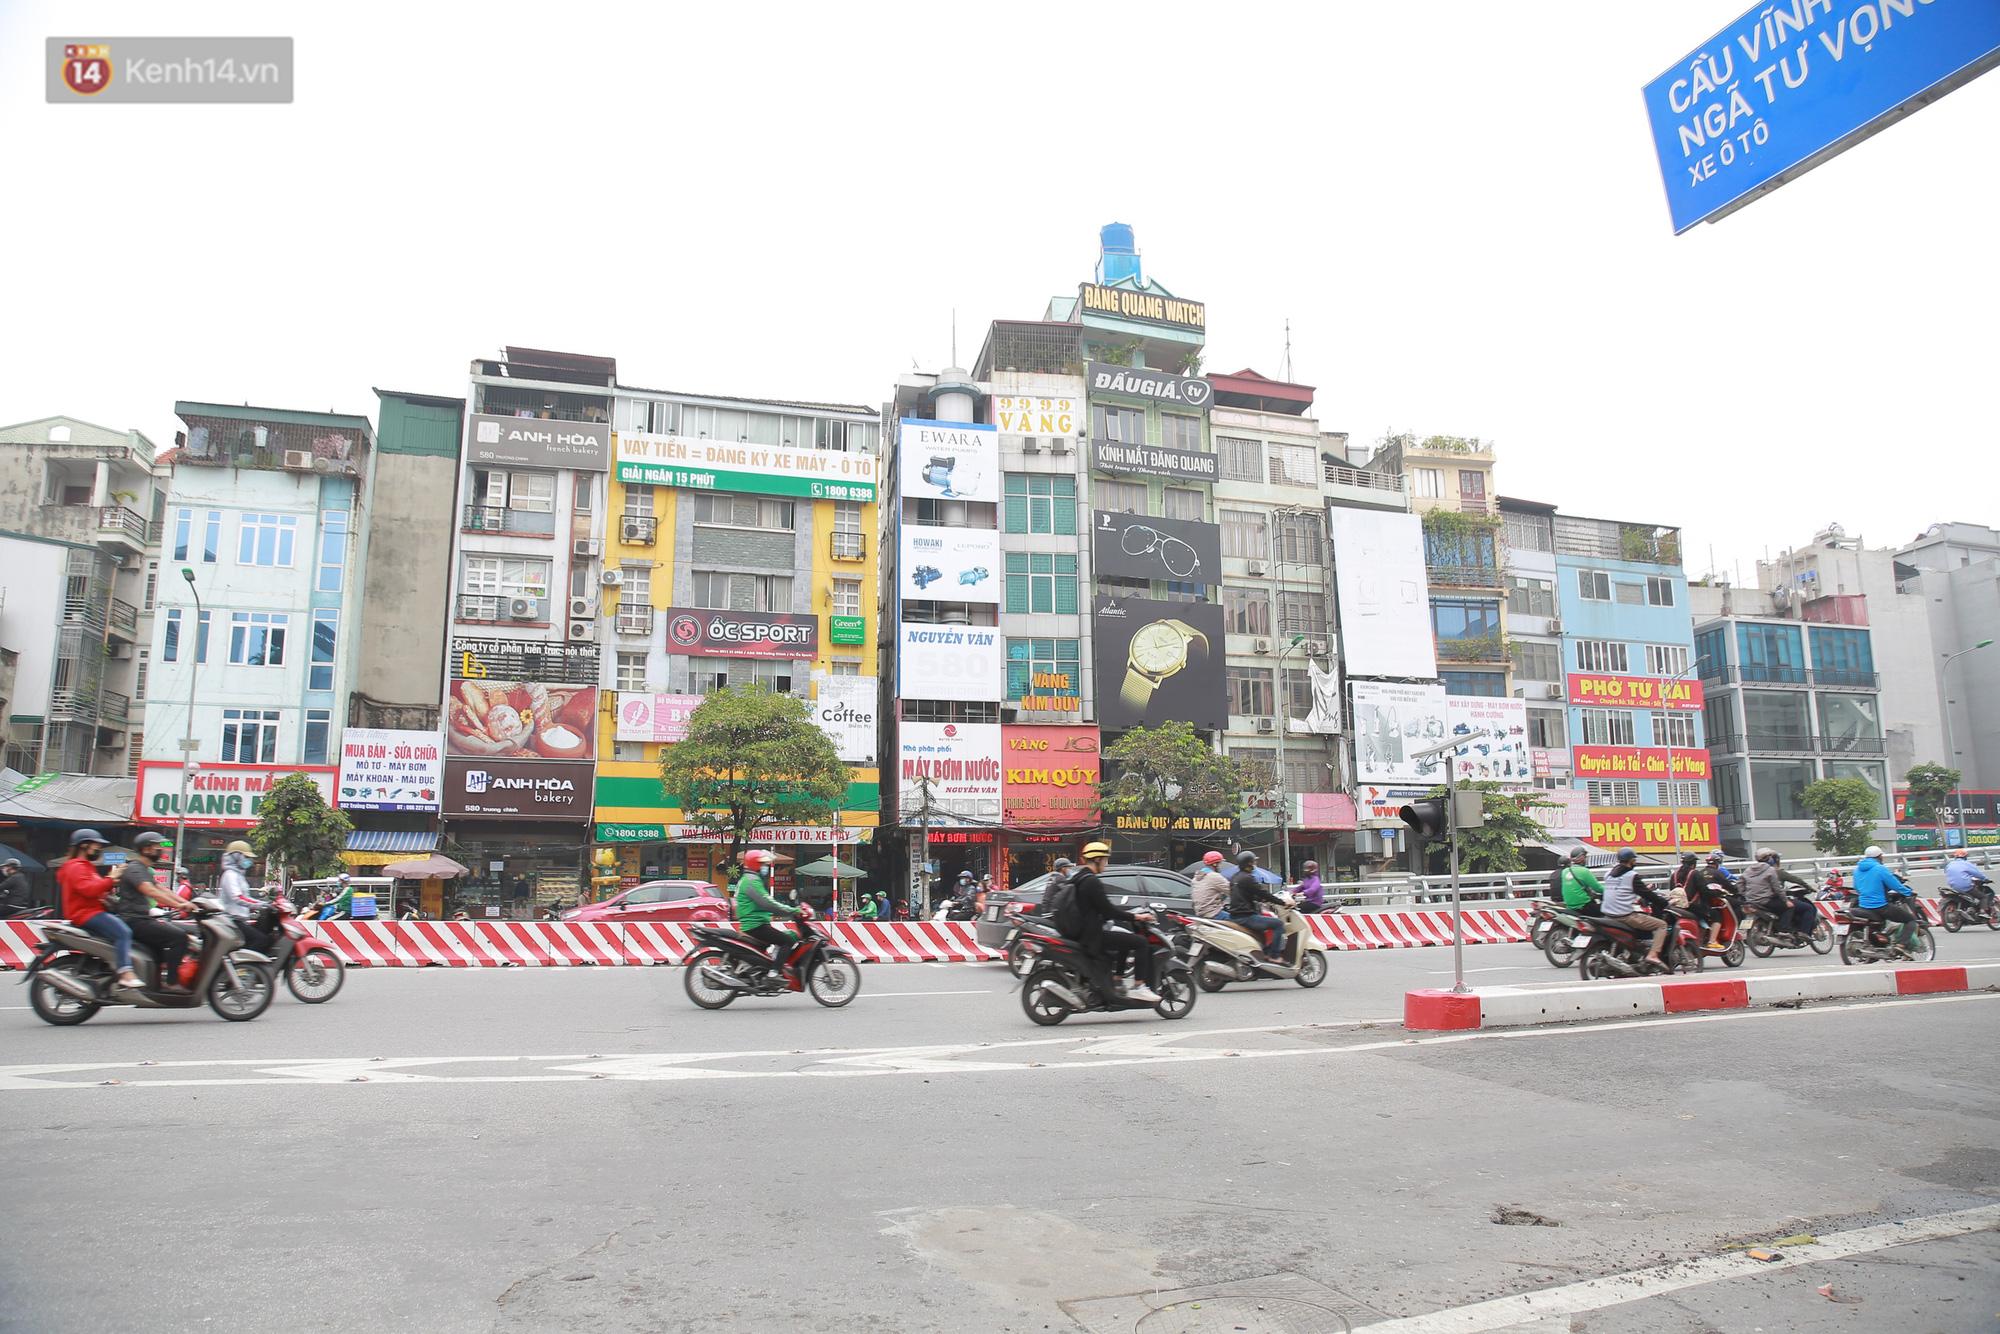 Ảnh: Cận cảnh những ngôi nhà siêu mỏng, siêu nhỏ ở đường Trường Chinh - Ảnh 2.